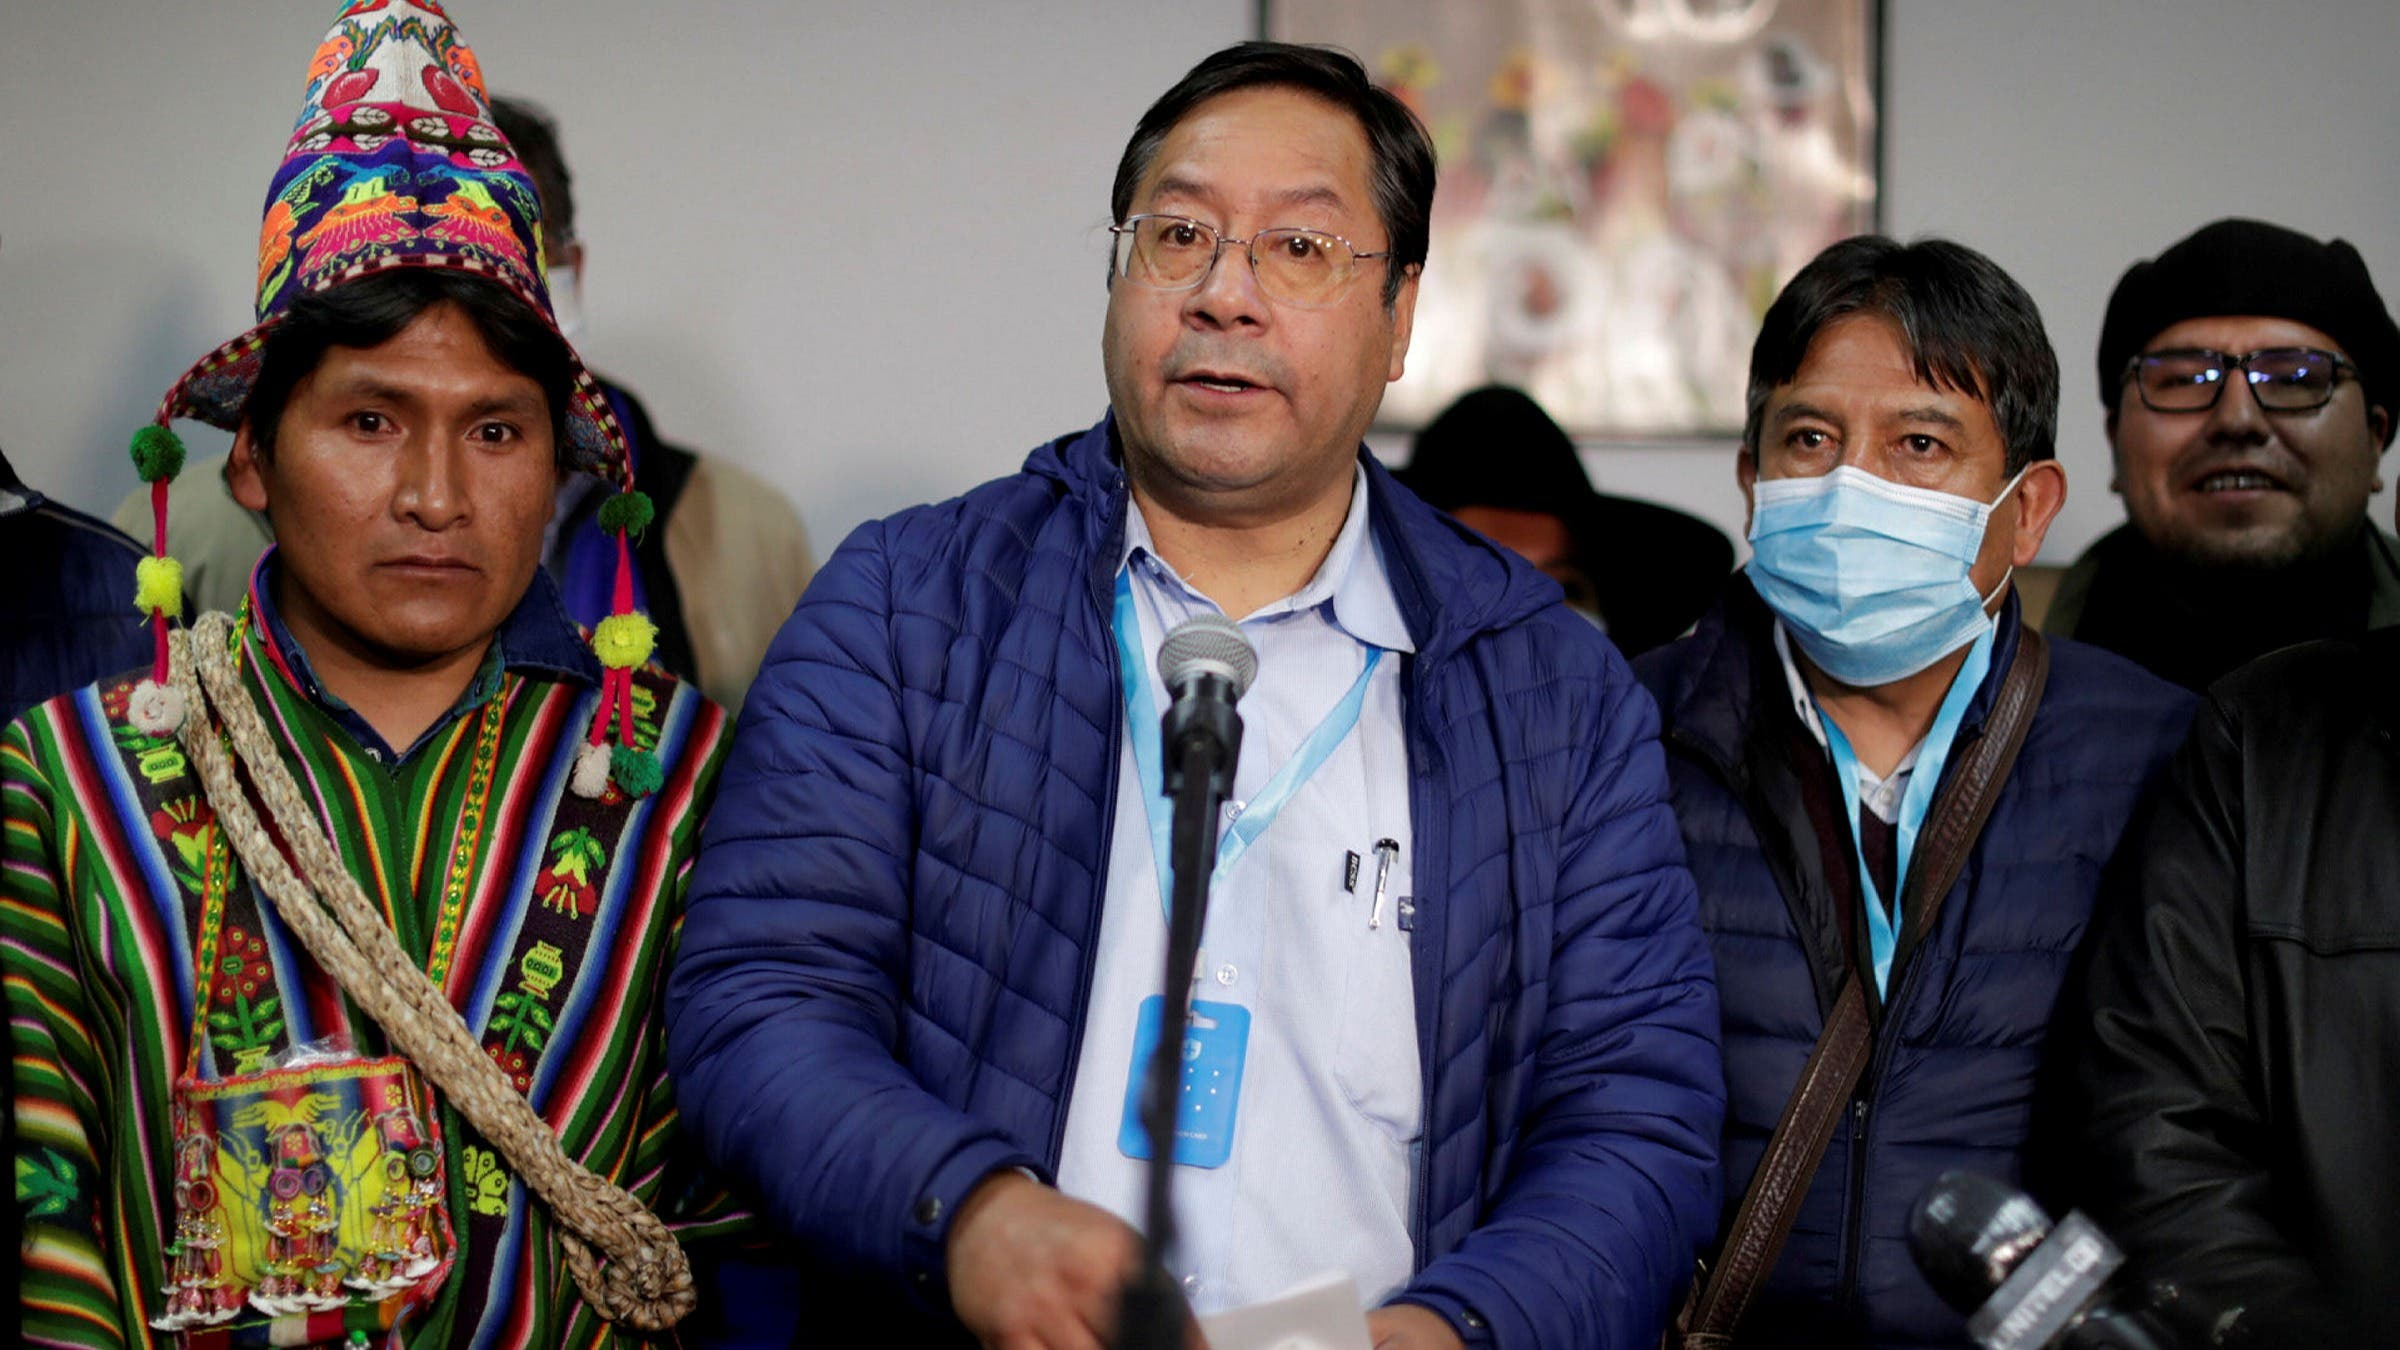 لویس آرسه رئیس جمهوری جدید بولیوی